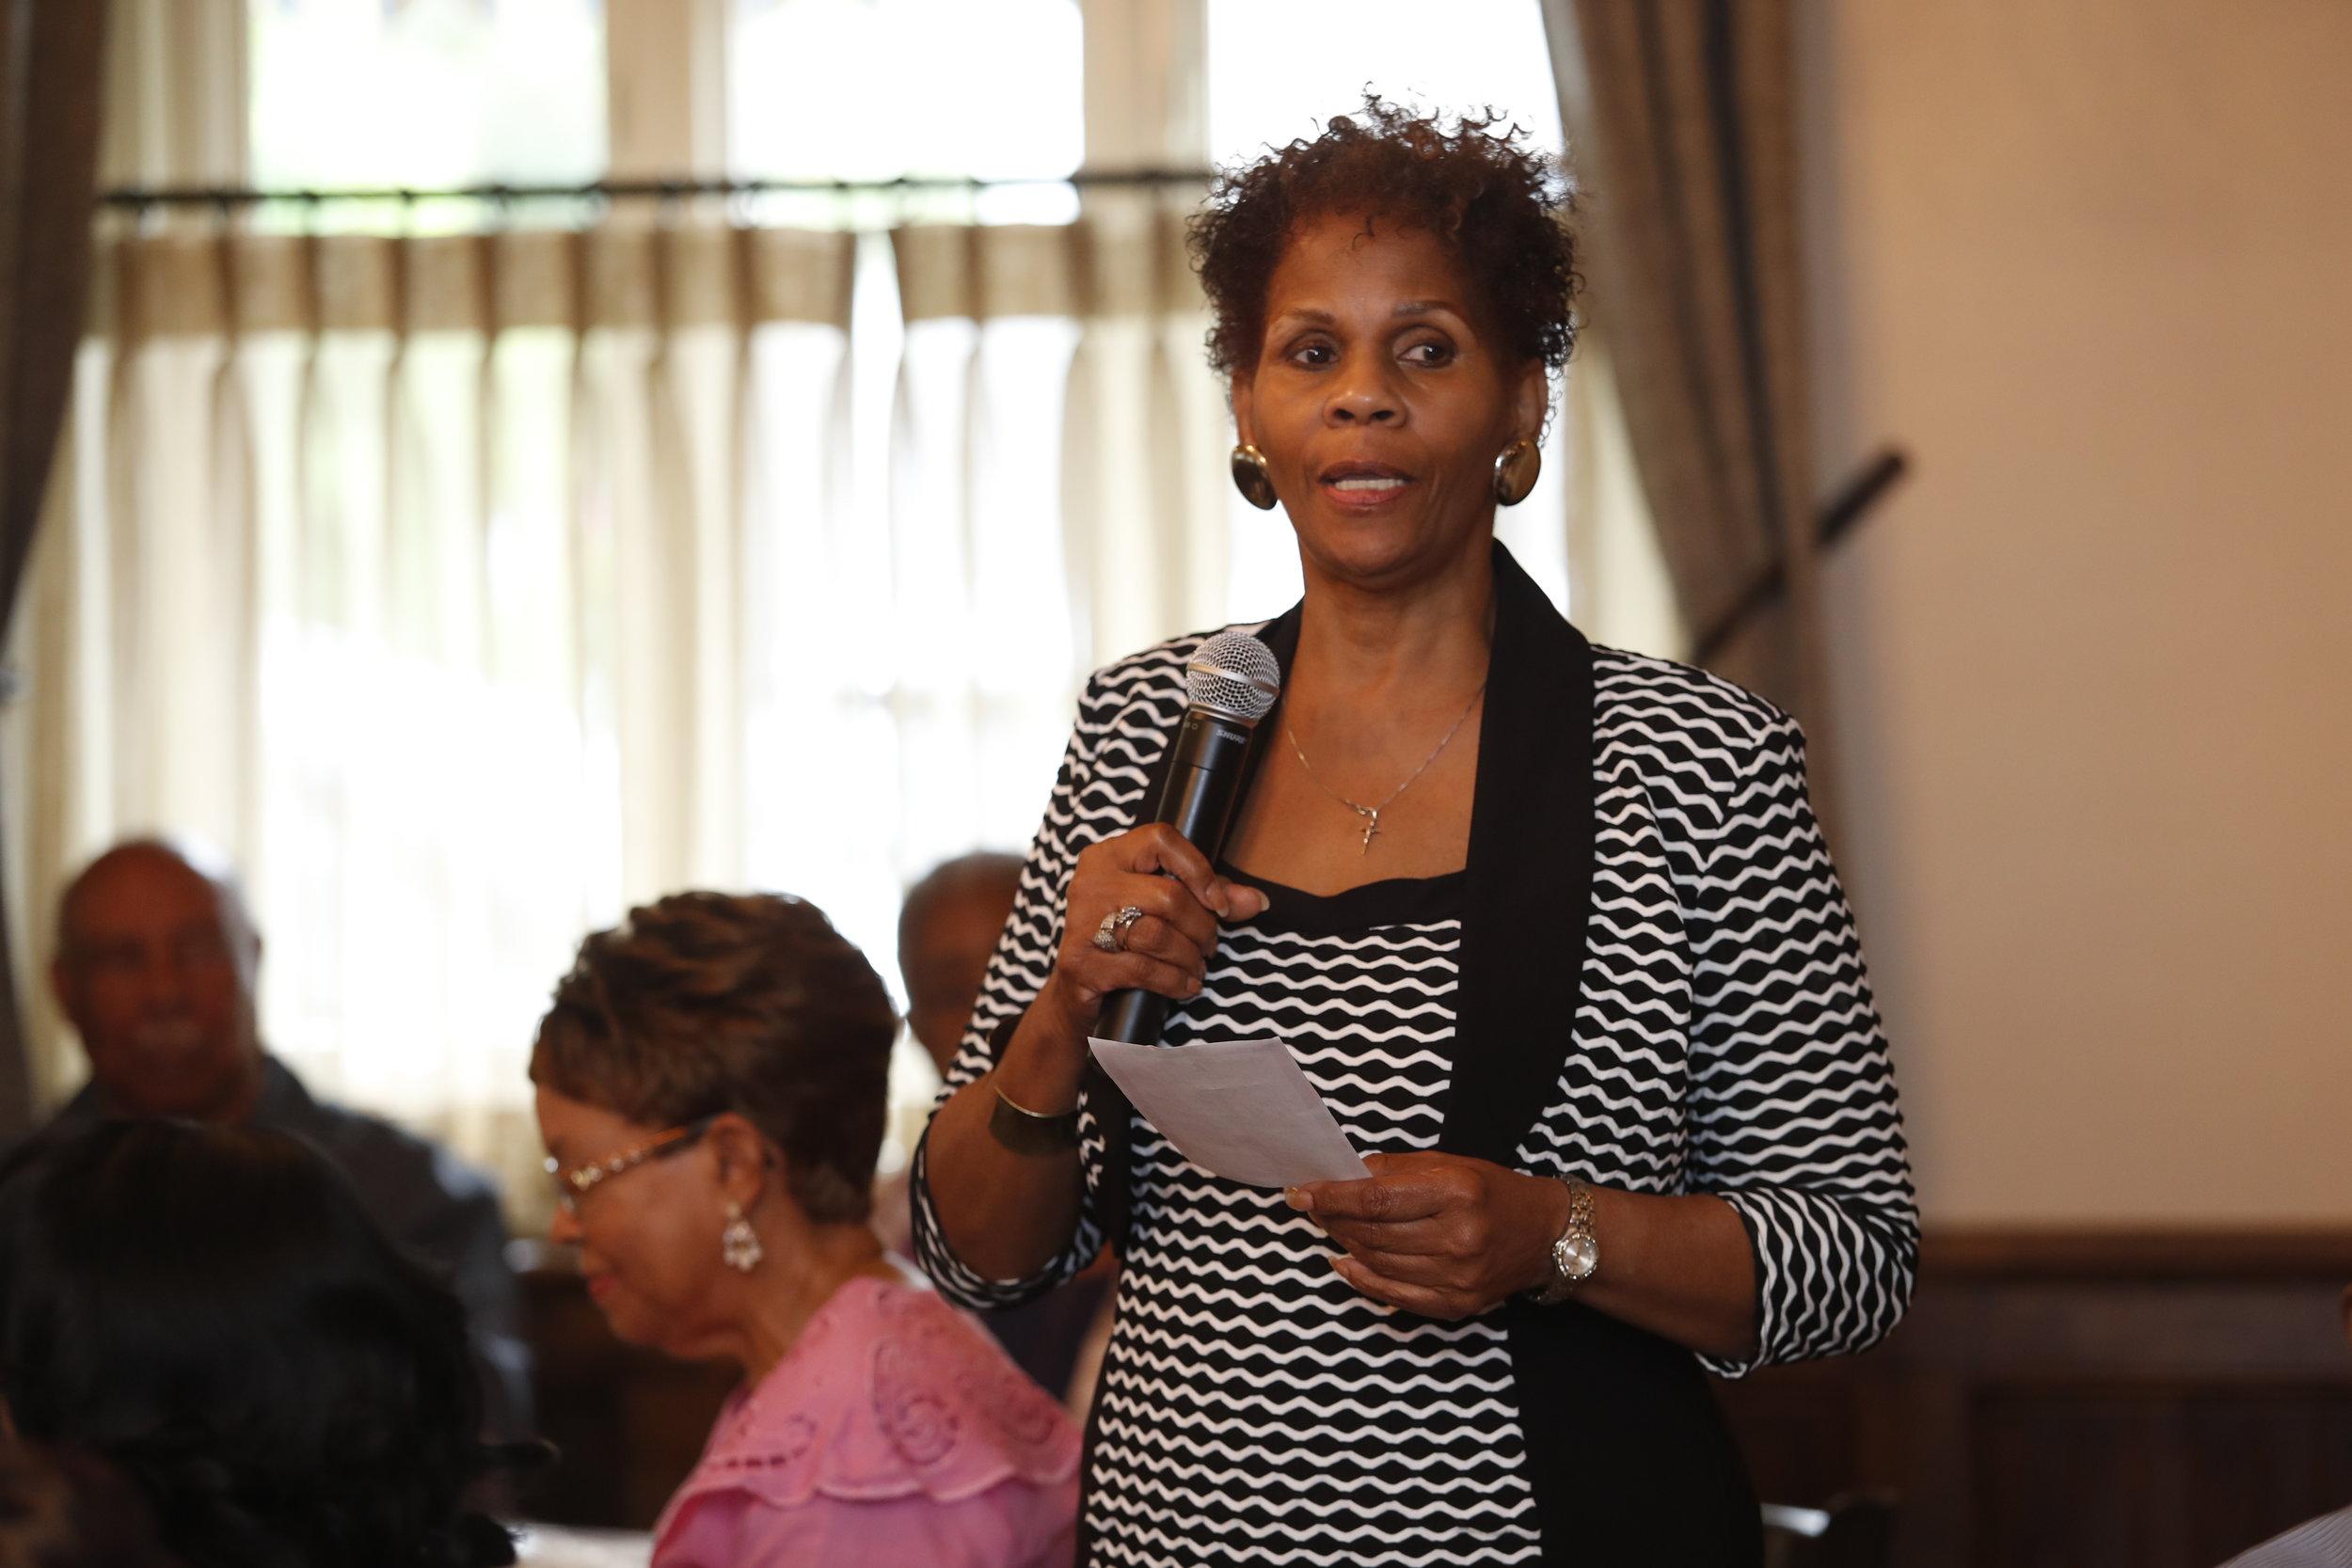 Sandra O'Neal